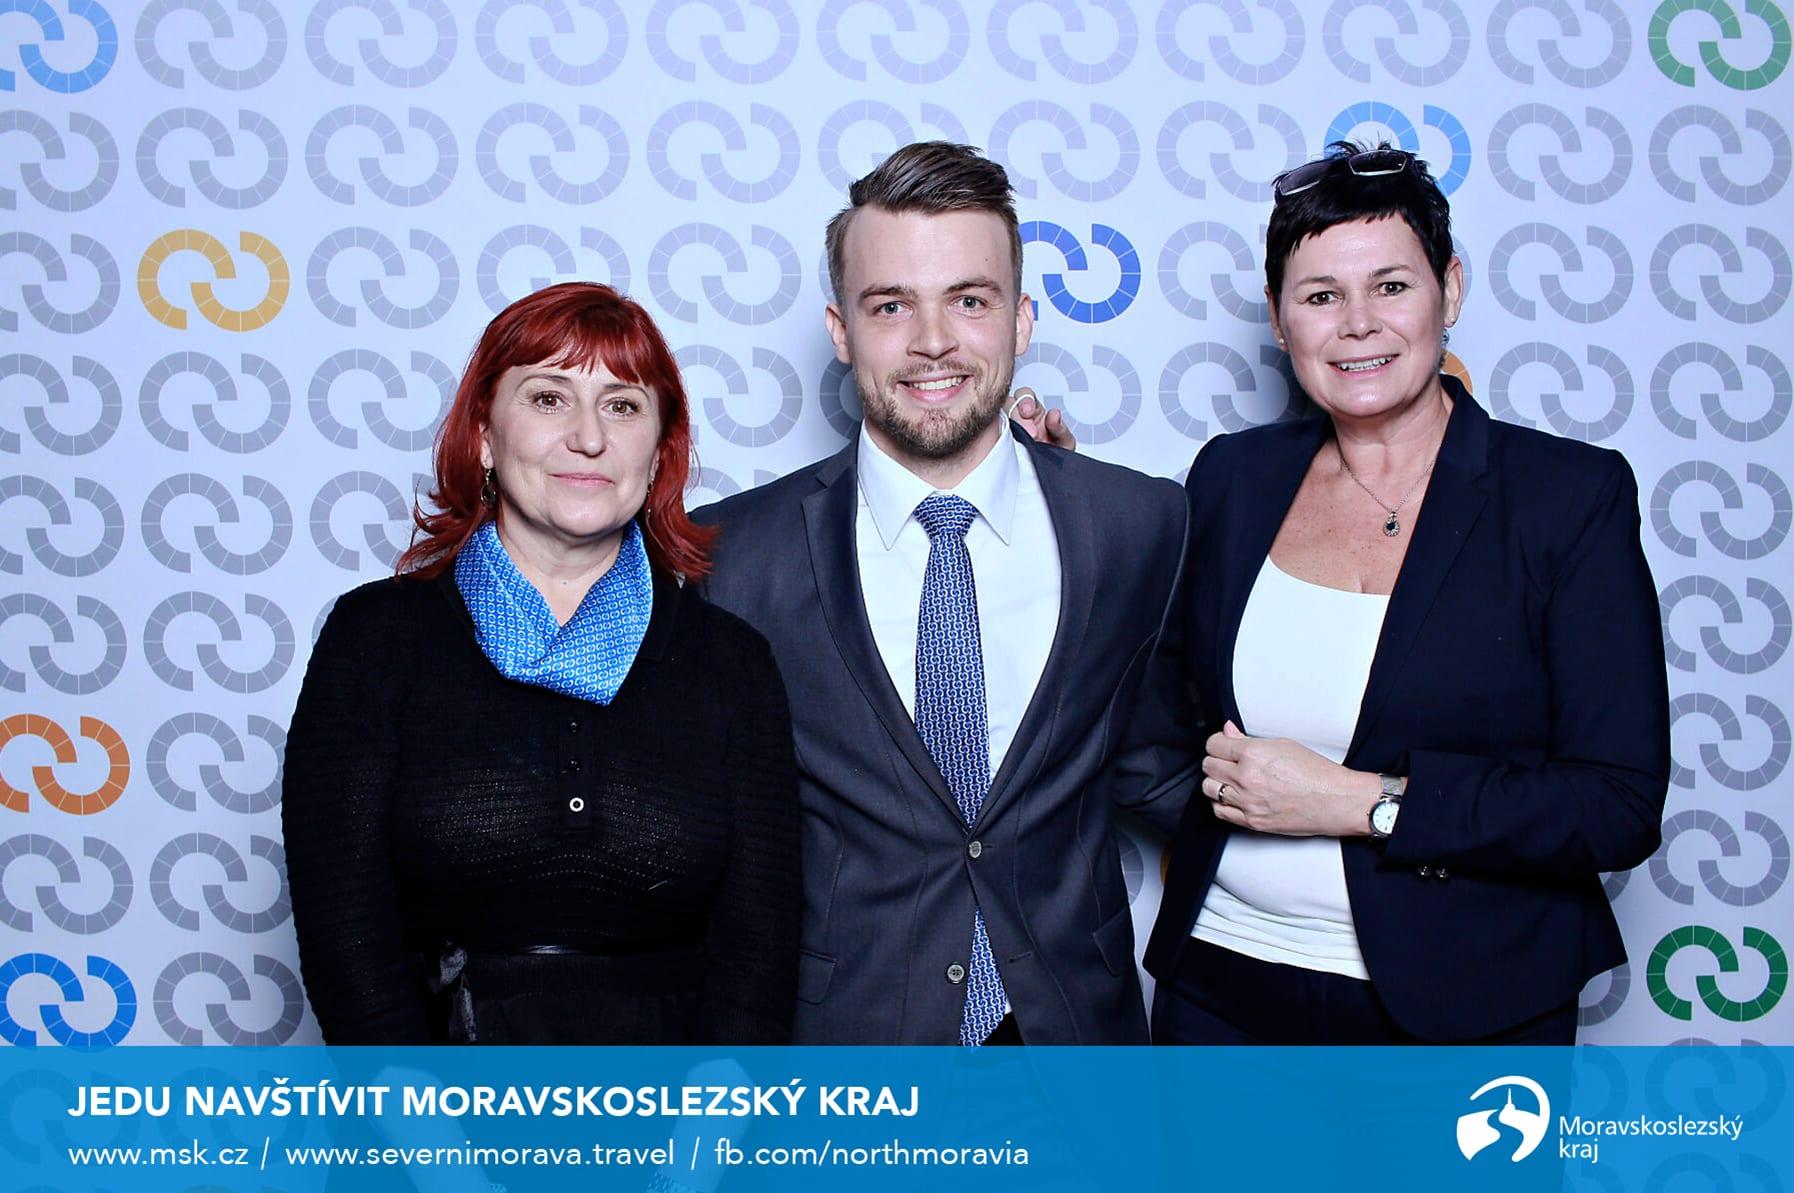 fotokoutek-msk-17-1-2019-569475